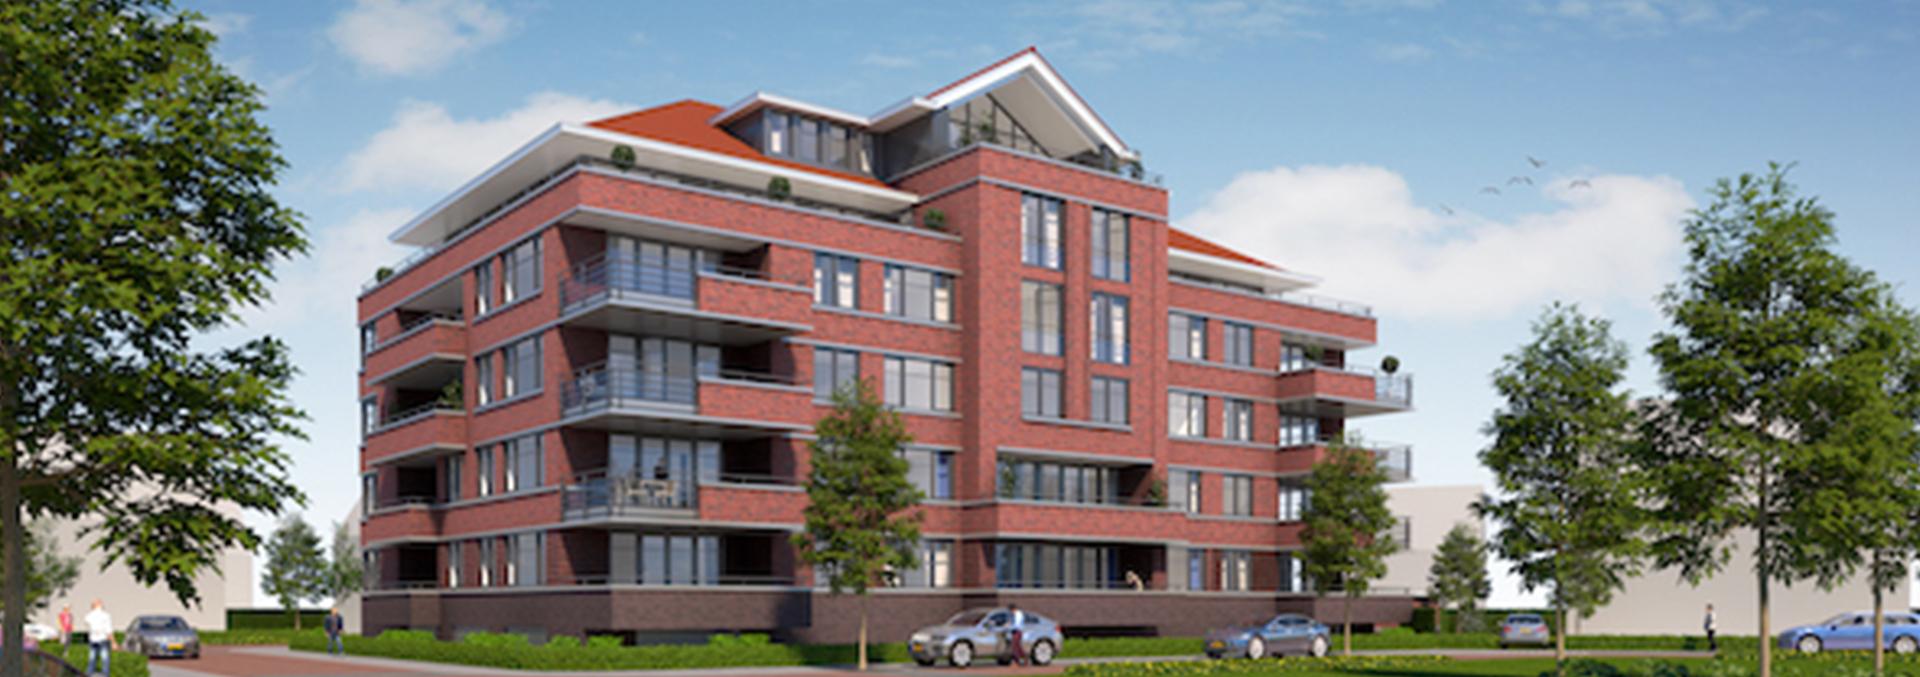 Nieuwbouw 21 appartementen Schiedam